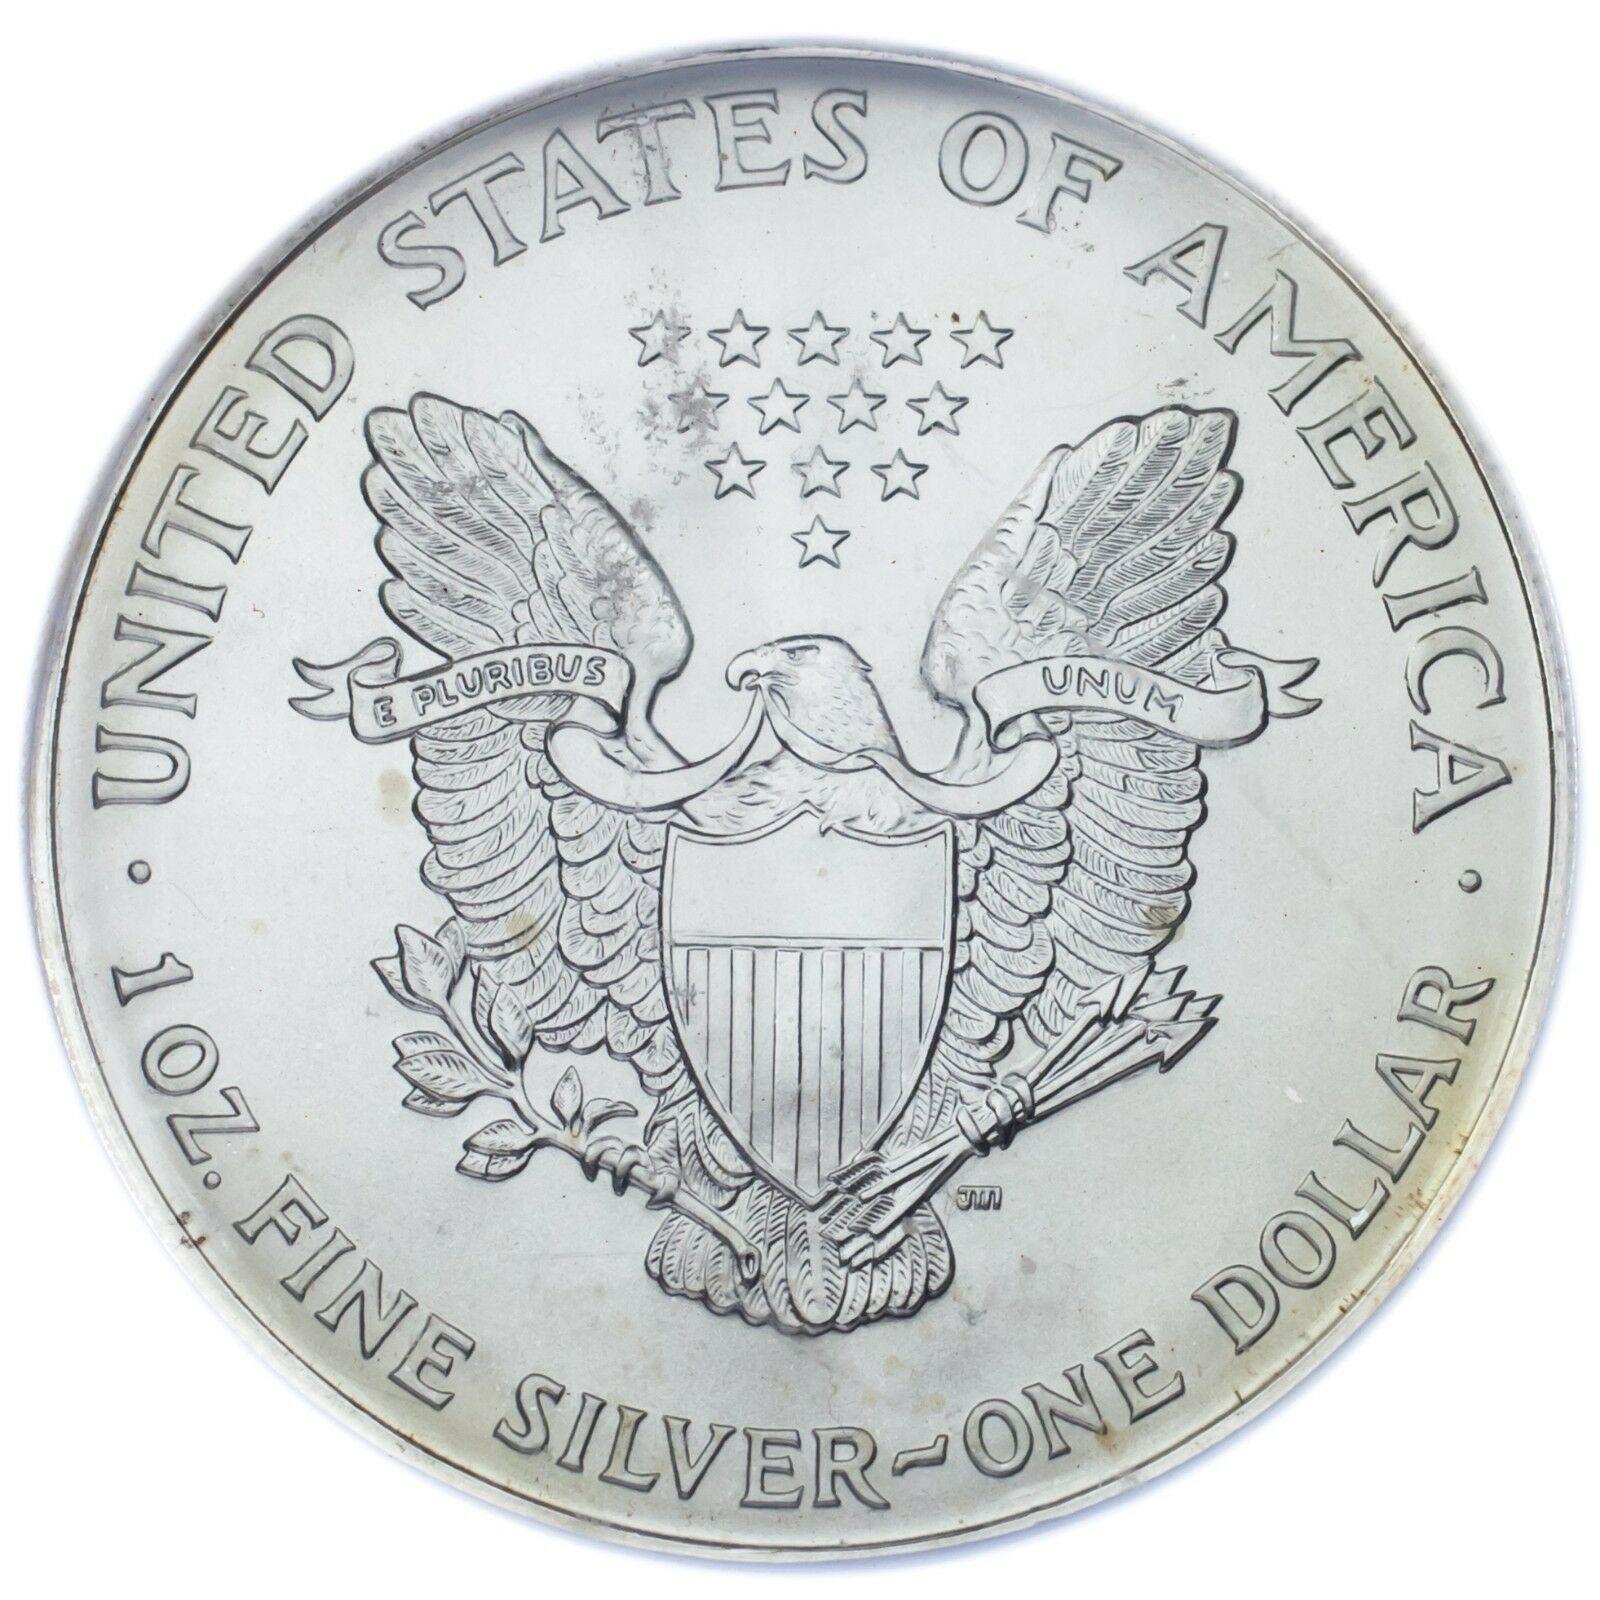 1994 Silber American Eagle Ausgewählten von ICG As MS69 ! Atemberaubend Adler image 4